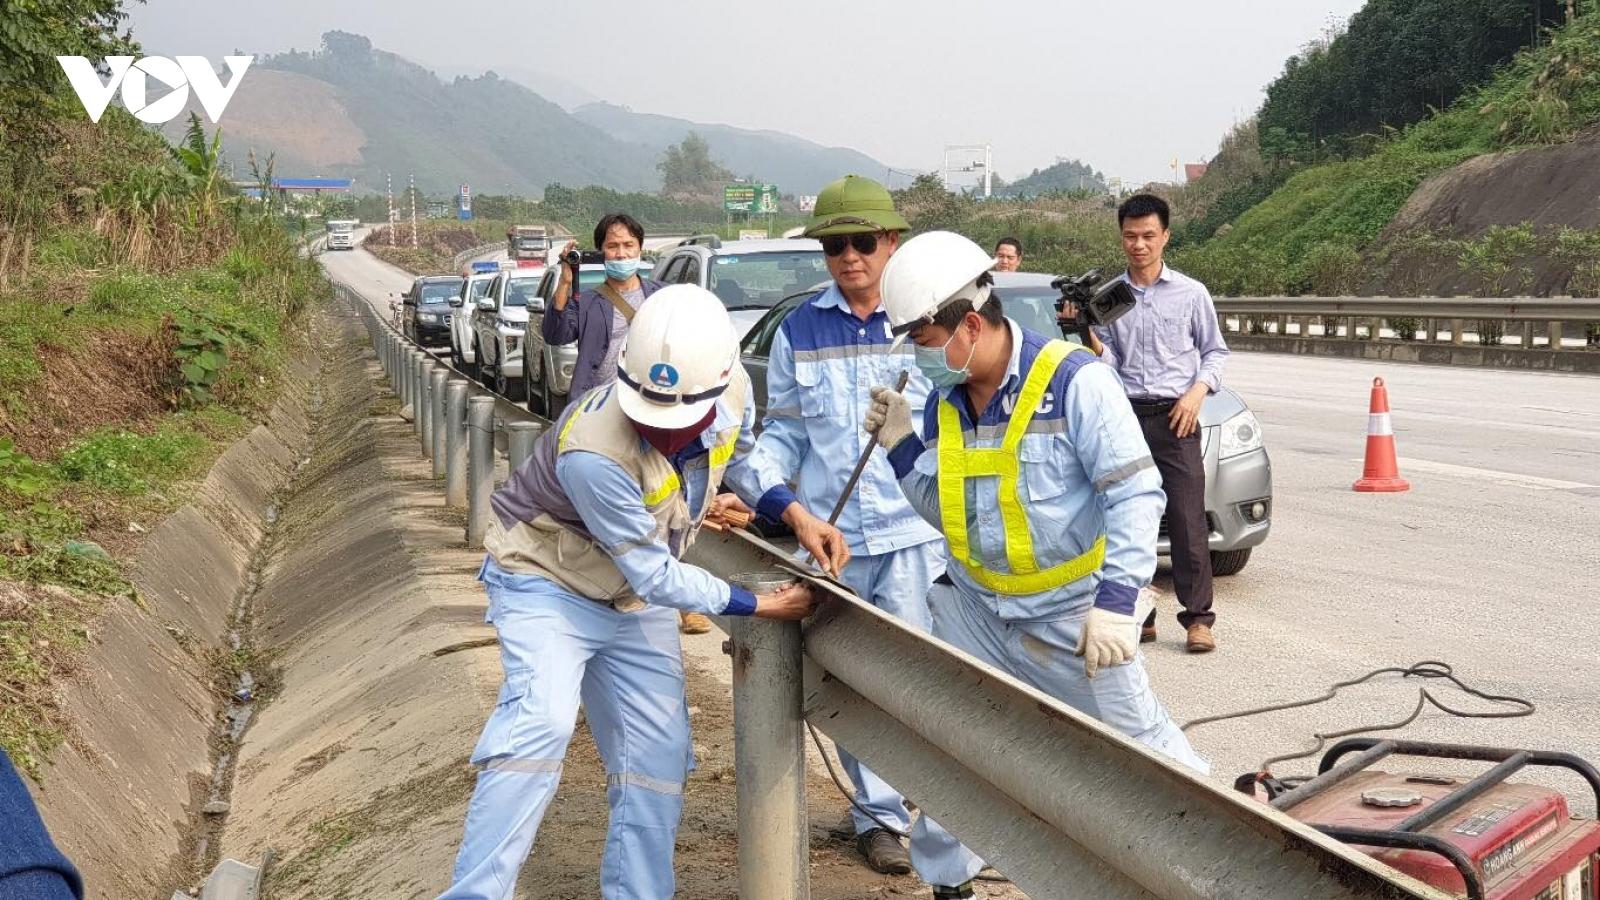 Tháo dỡ hộ lan cao tốc Nội Bài - Lào Cai là phá hoại tài sản quốc gia và sẽ bị khởi tố